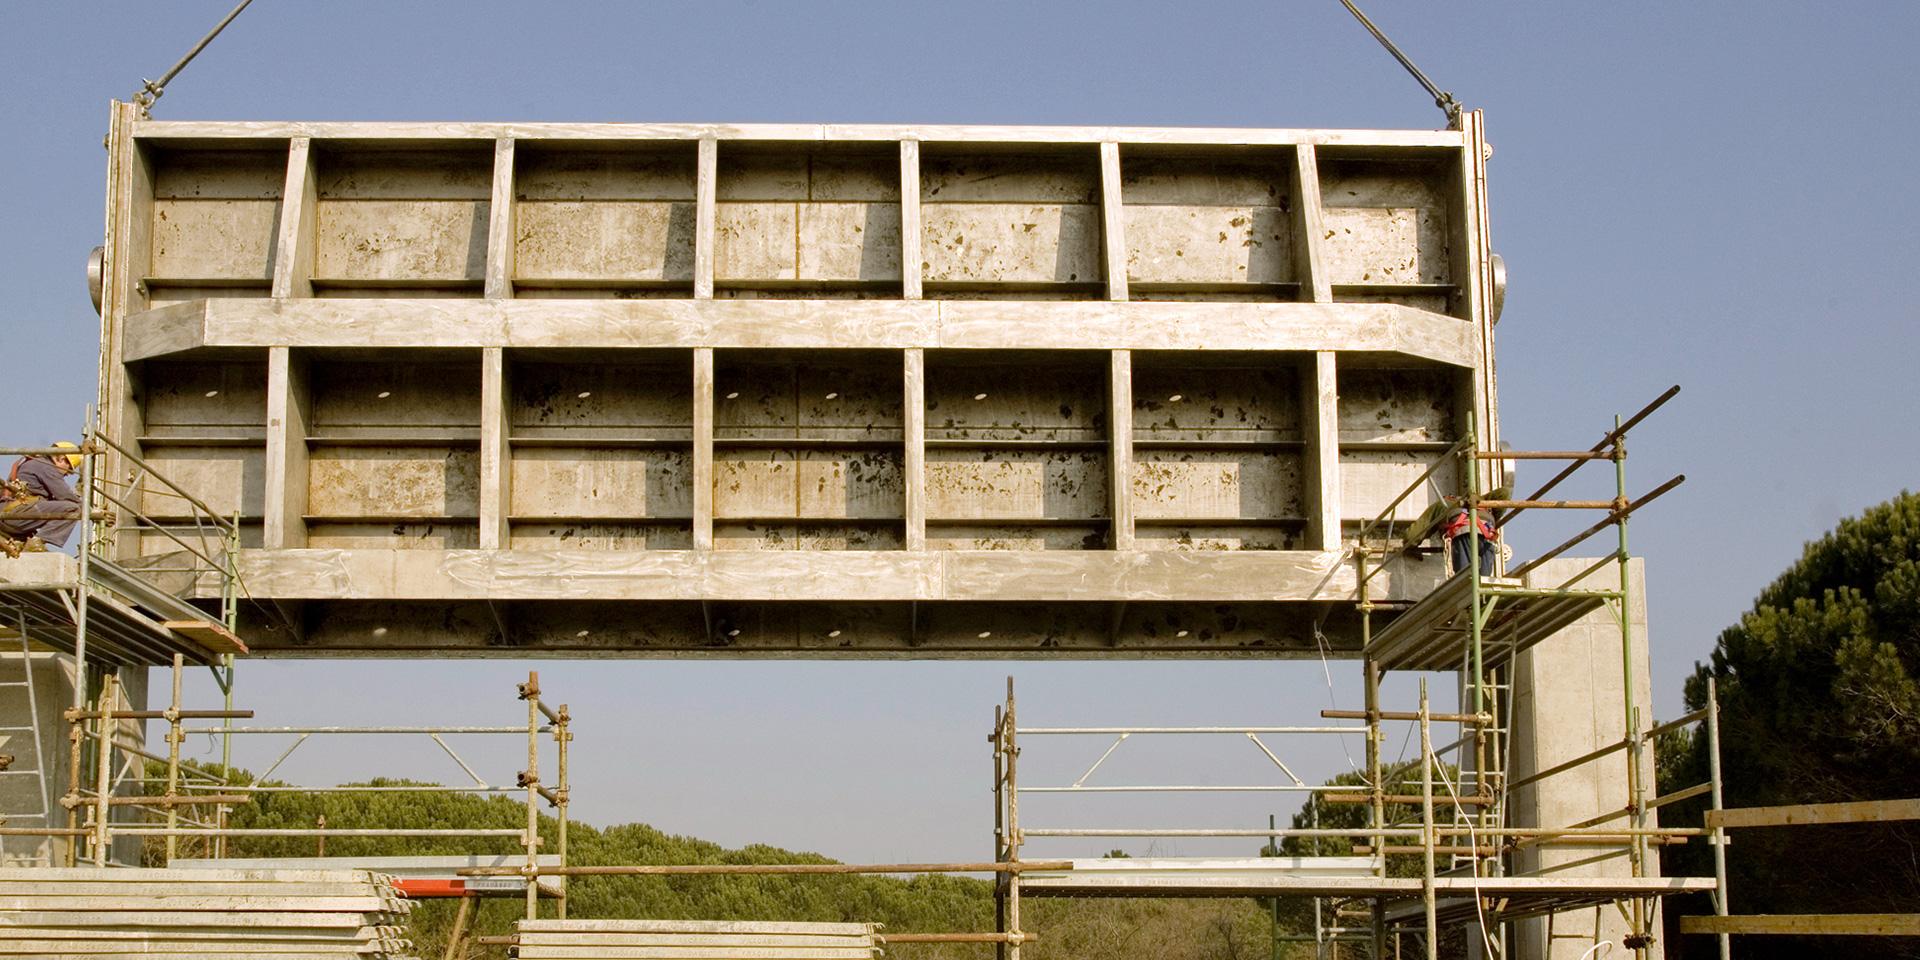 By-pass scolmatore a Cesenatico, Binini Partners, Società di architettura e ingegneria